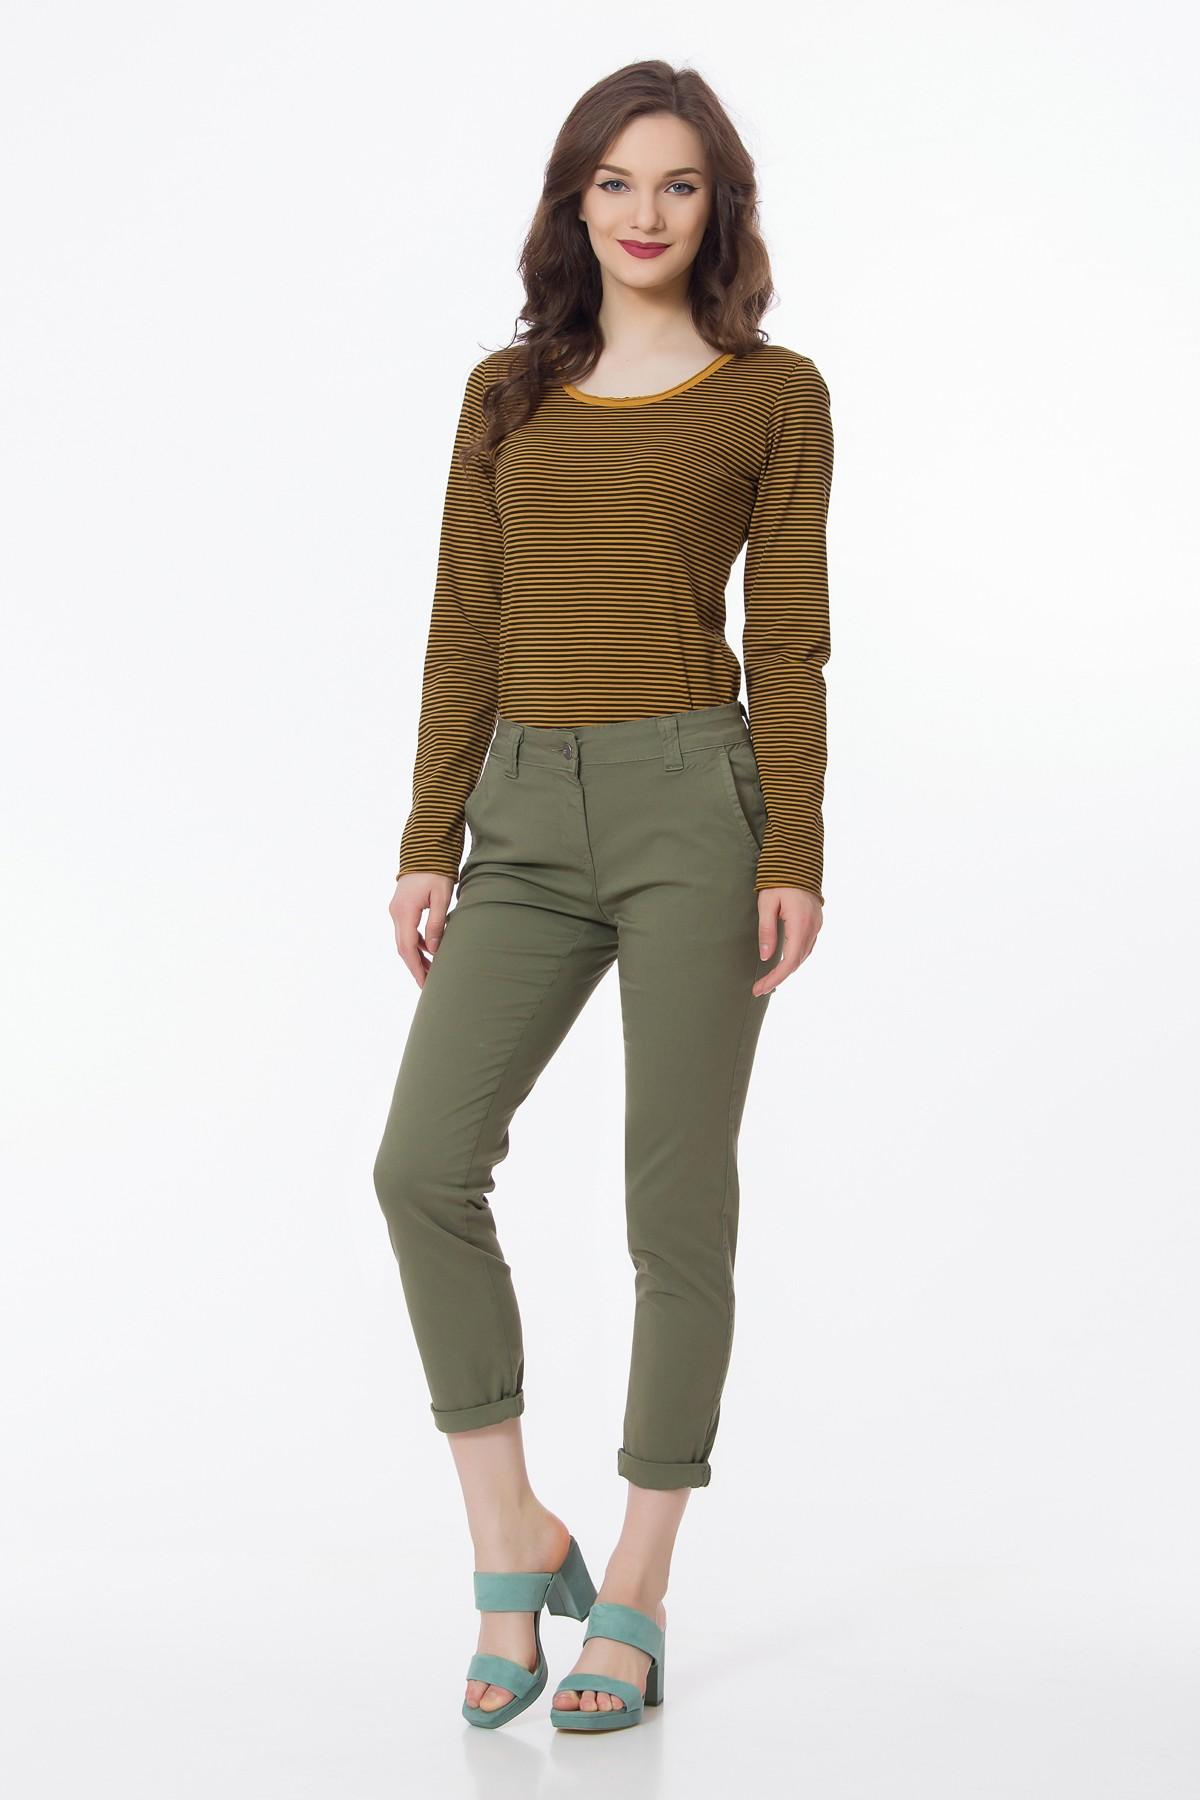 pantaloni-kaki-sense